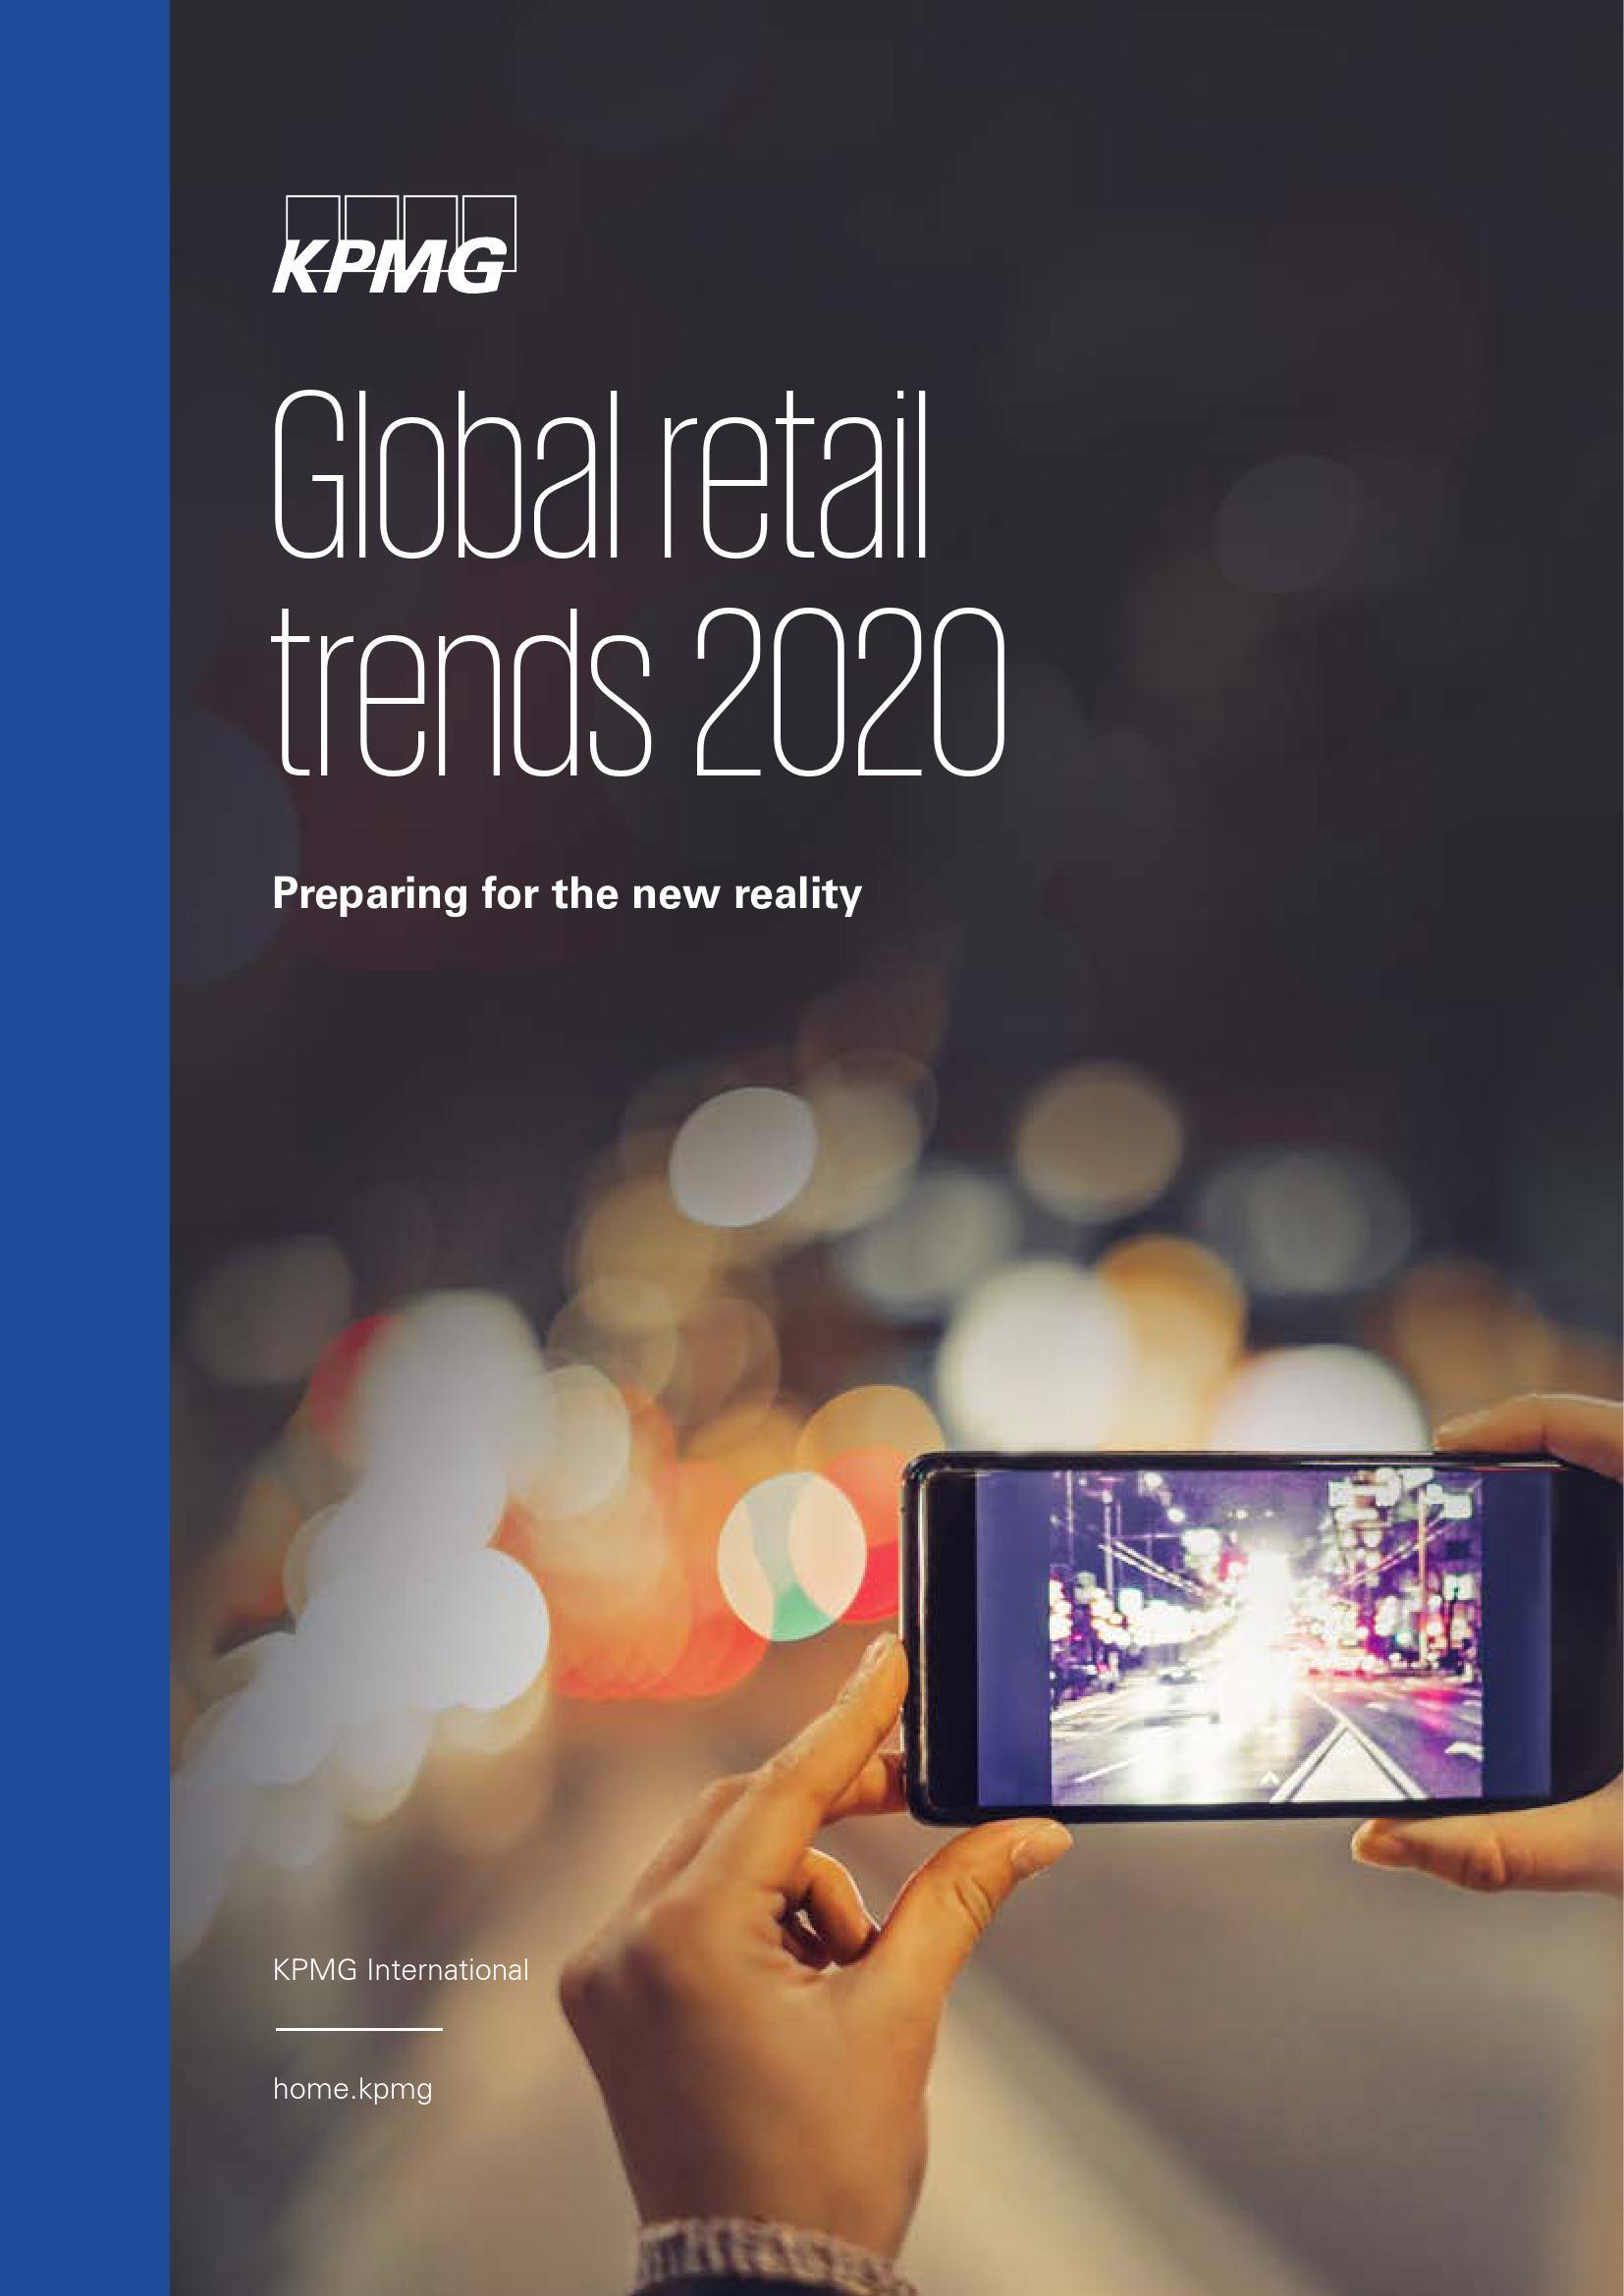 毕马威:2020年全球零售趋势(附下载)